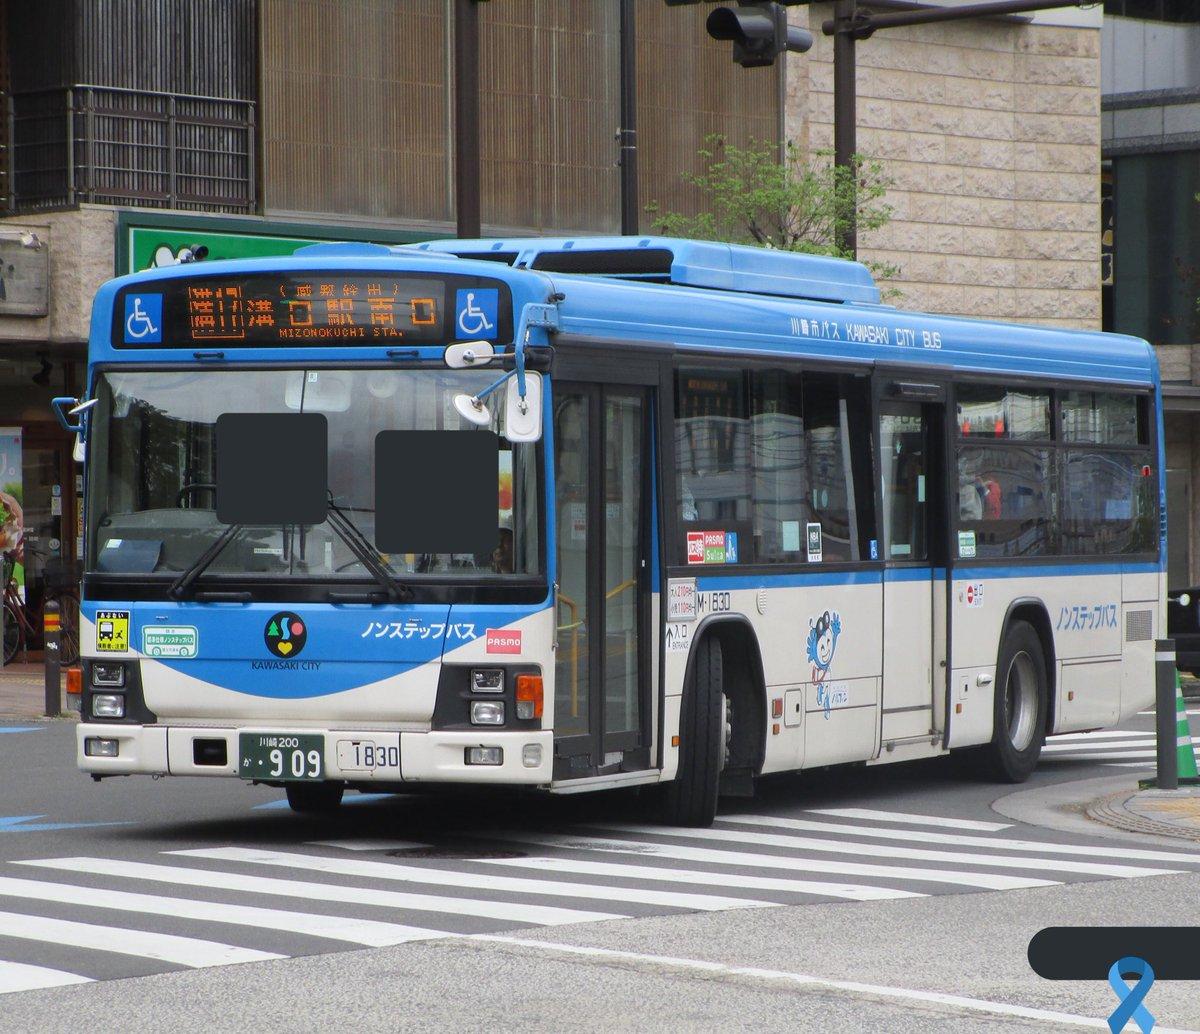 川崎市バス #鷲ヶ峰営業所 #菅生...